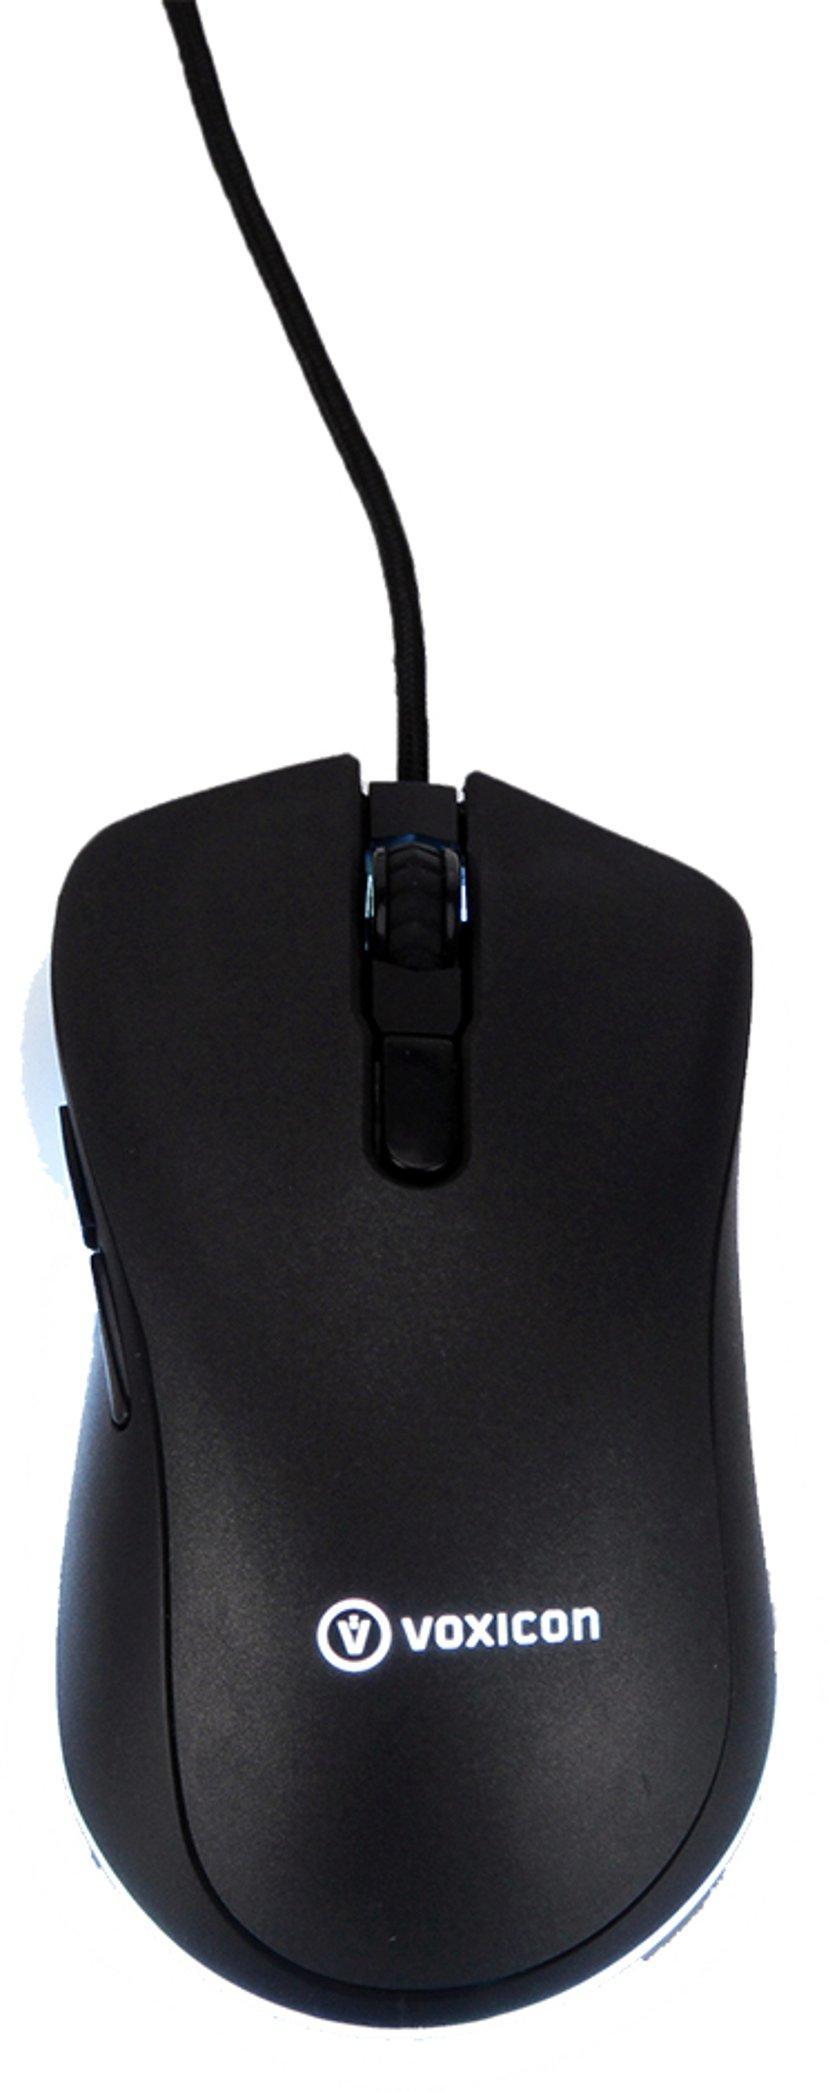 Voxicon Gaming RGB GR900 Zwart Muis Met bekabeling 12,000dpi